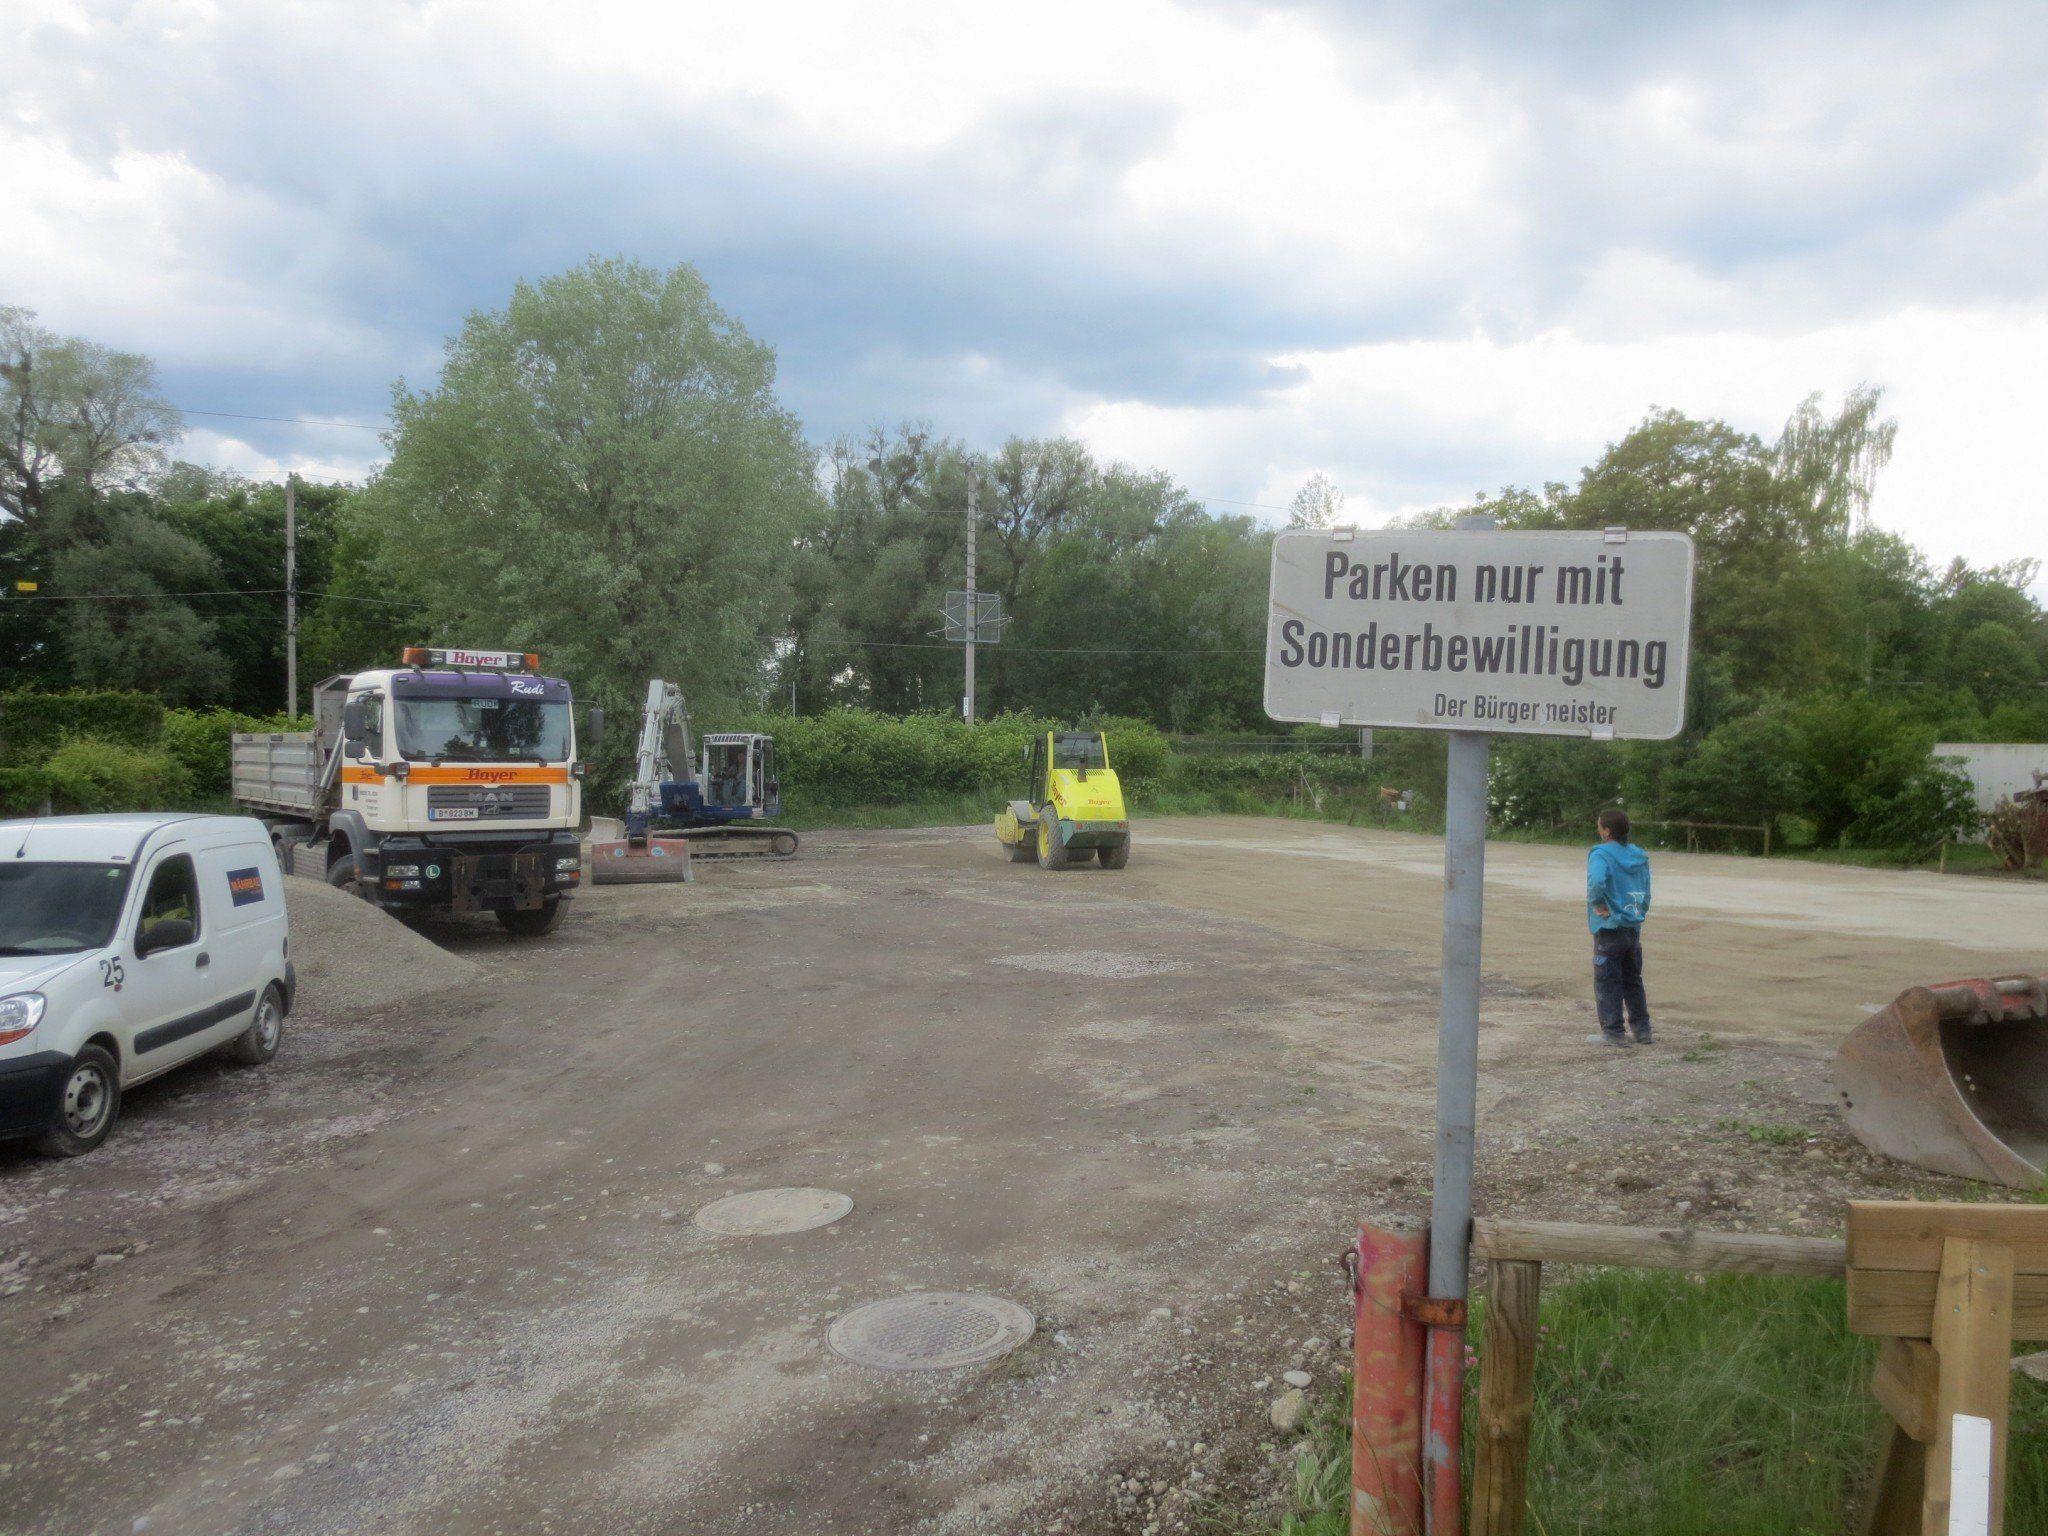 Erneuerung des Parkplatzareals rund um das Hebewerk (Pumpstation) vor der Unterführung zum Schwarzbad.